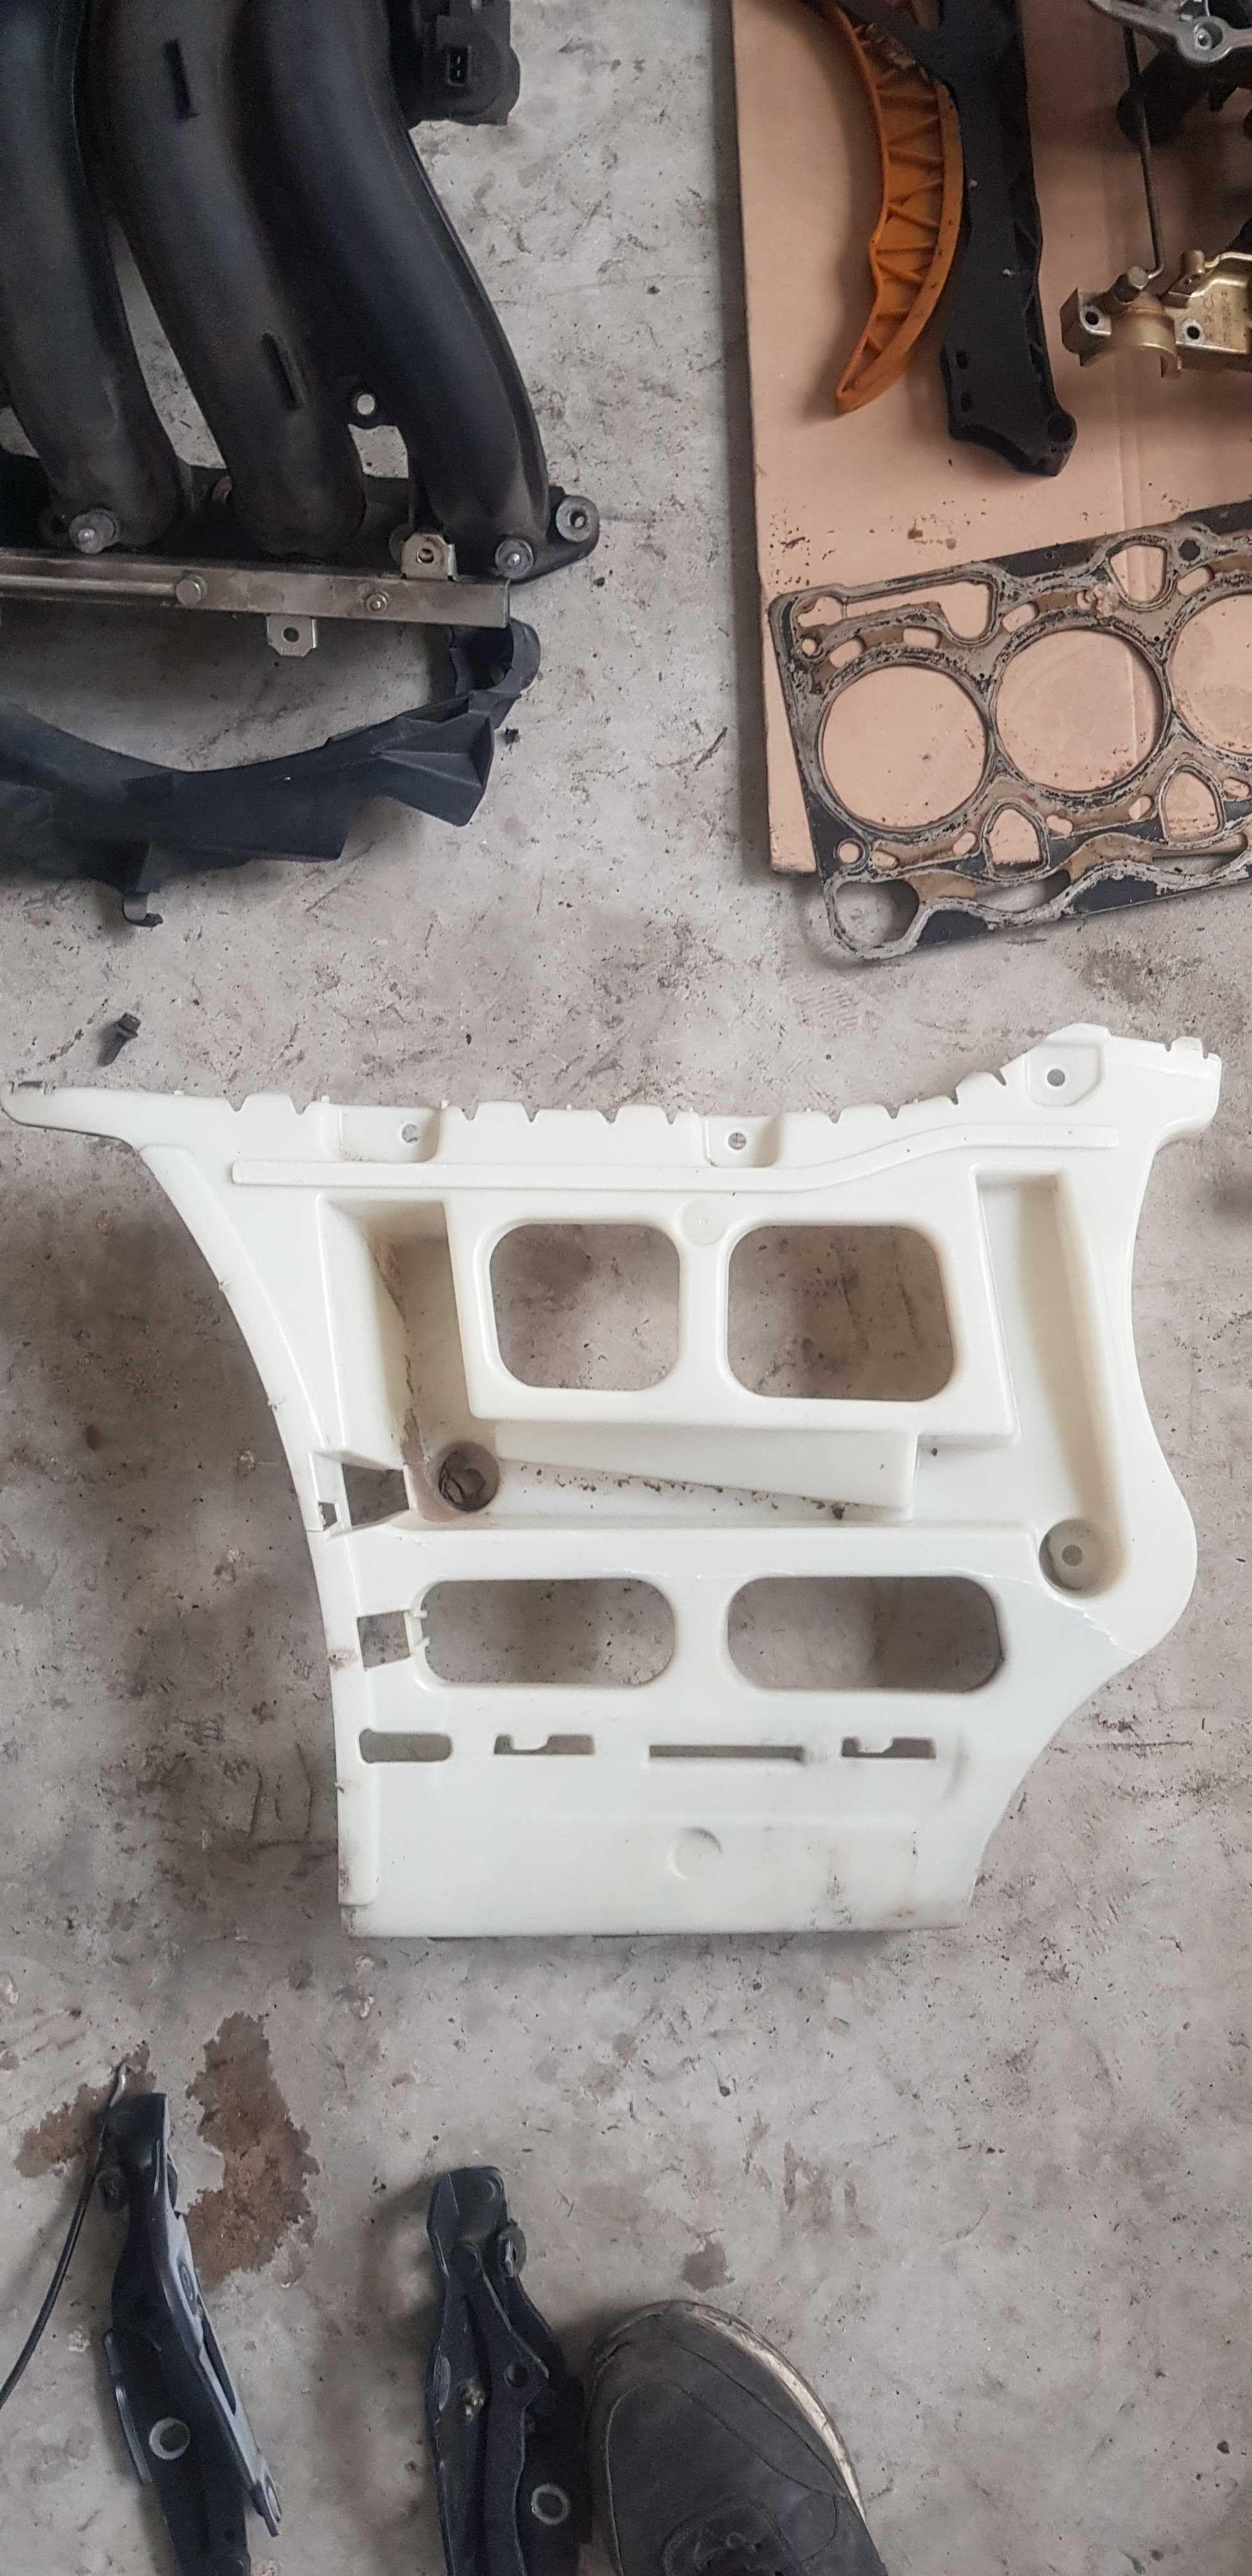 Ляв държач-/задна/-М-кова броня- /БМВ/BMW/-/е90/е91/-156кс.-N46N